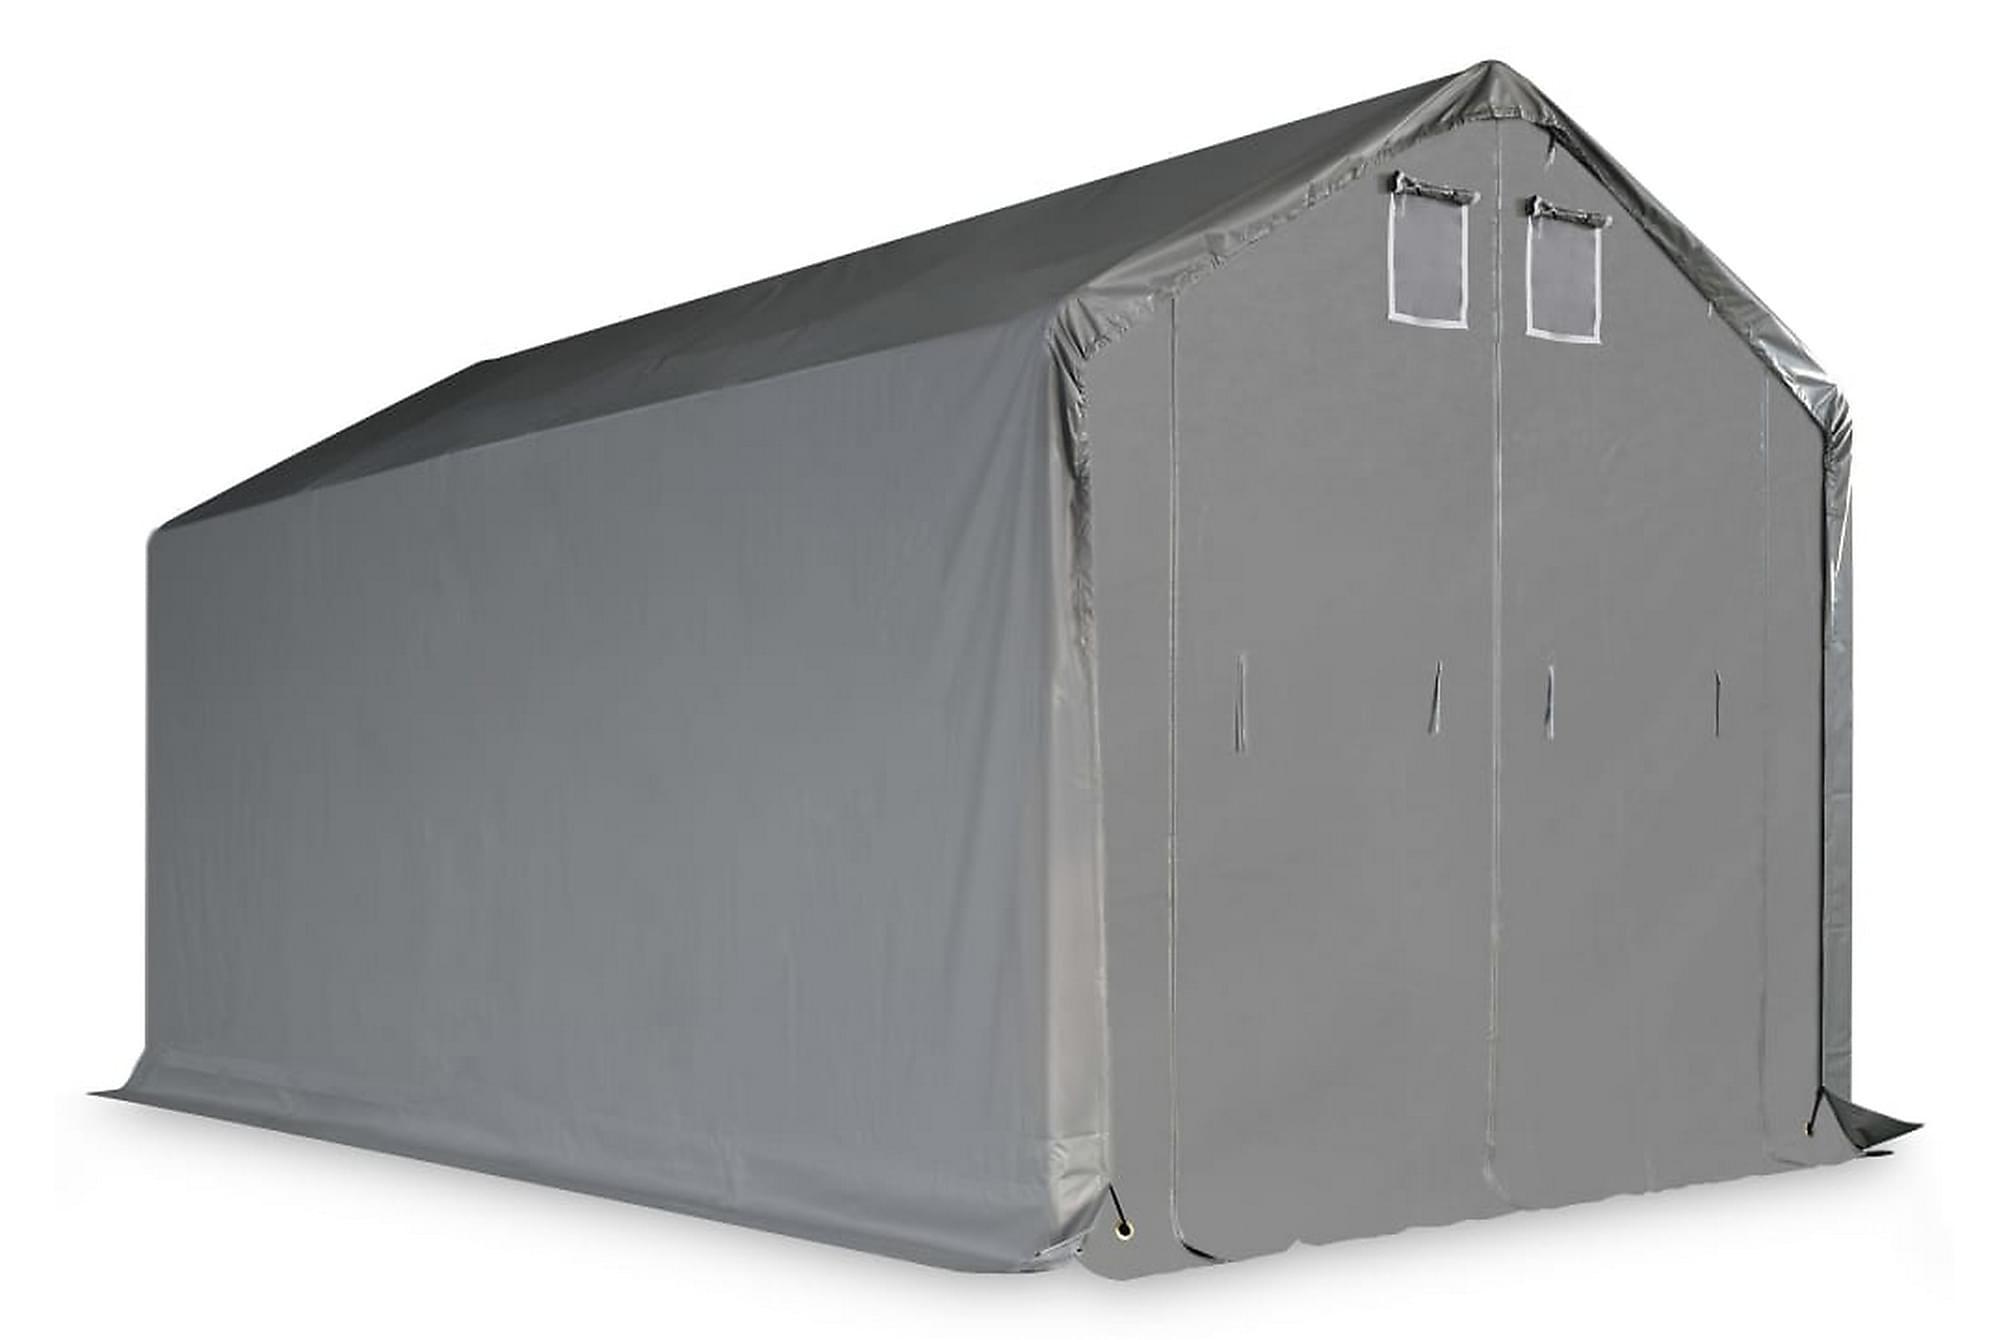 Förvaringstält PVC 5x10 m grå, Partytält